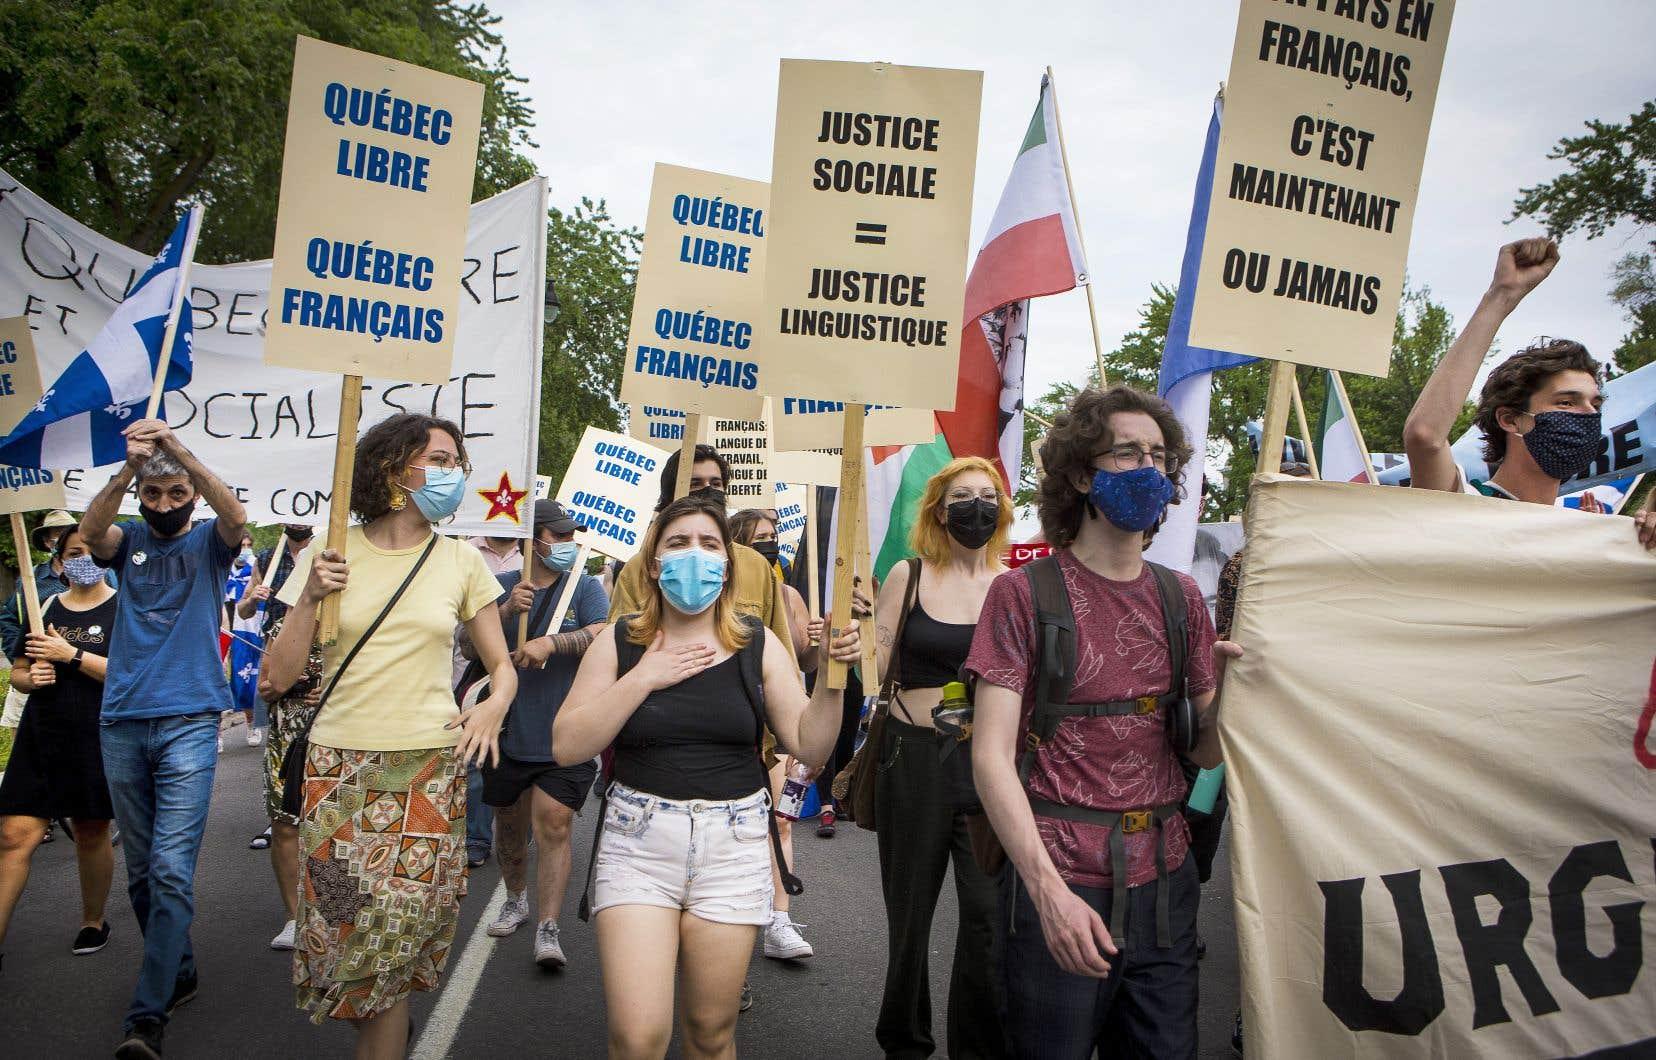 Plus d'une centaine de personnes ont manifesté vendredi soir à Montréal pour dénoncer le projet de loi 96 du gouvernement Legault, qu'ils jugent insuffisant.